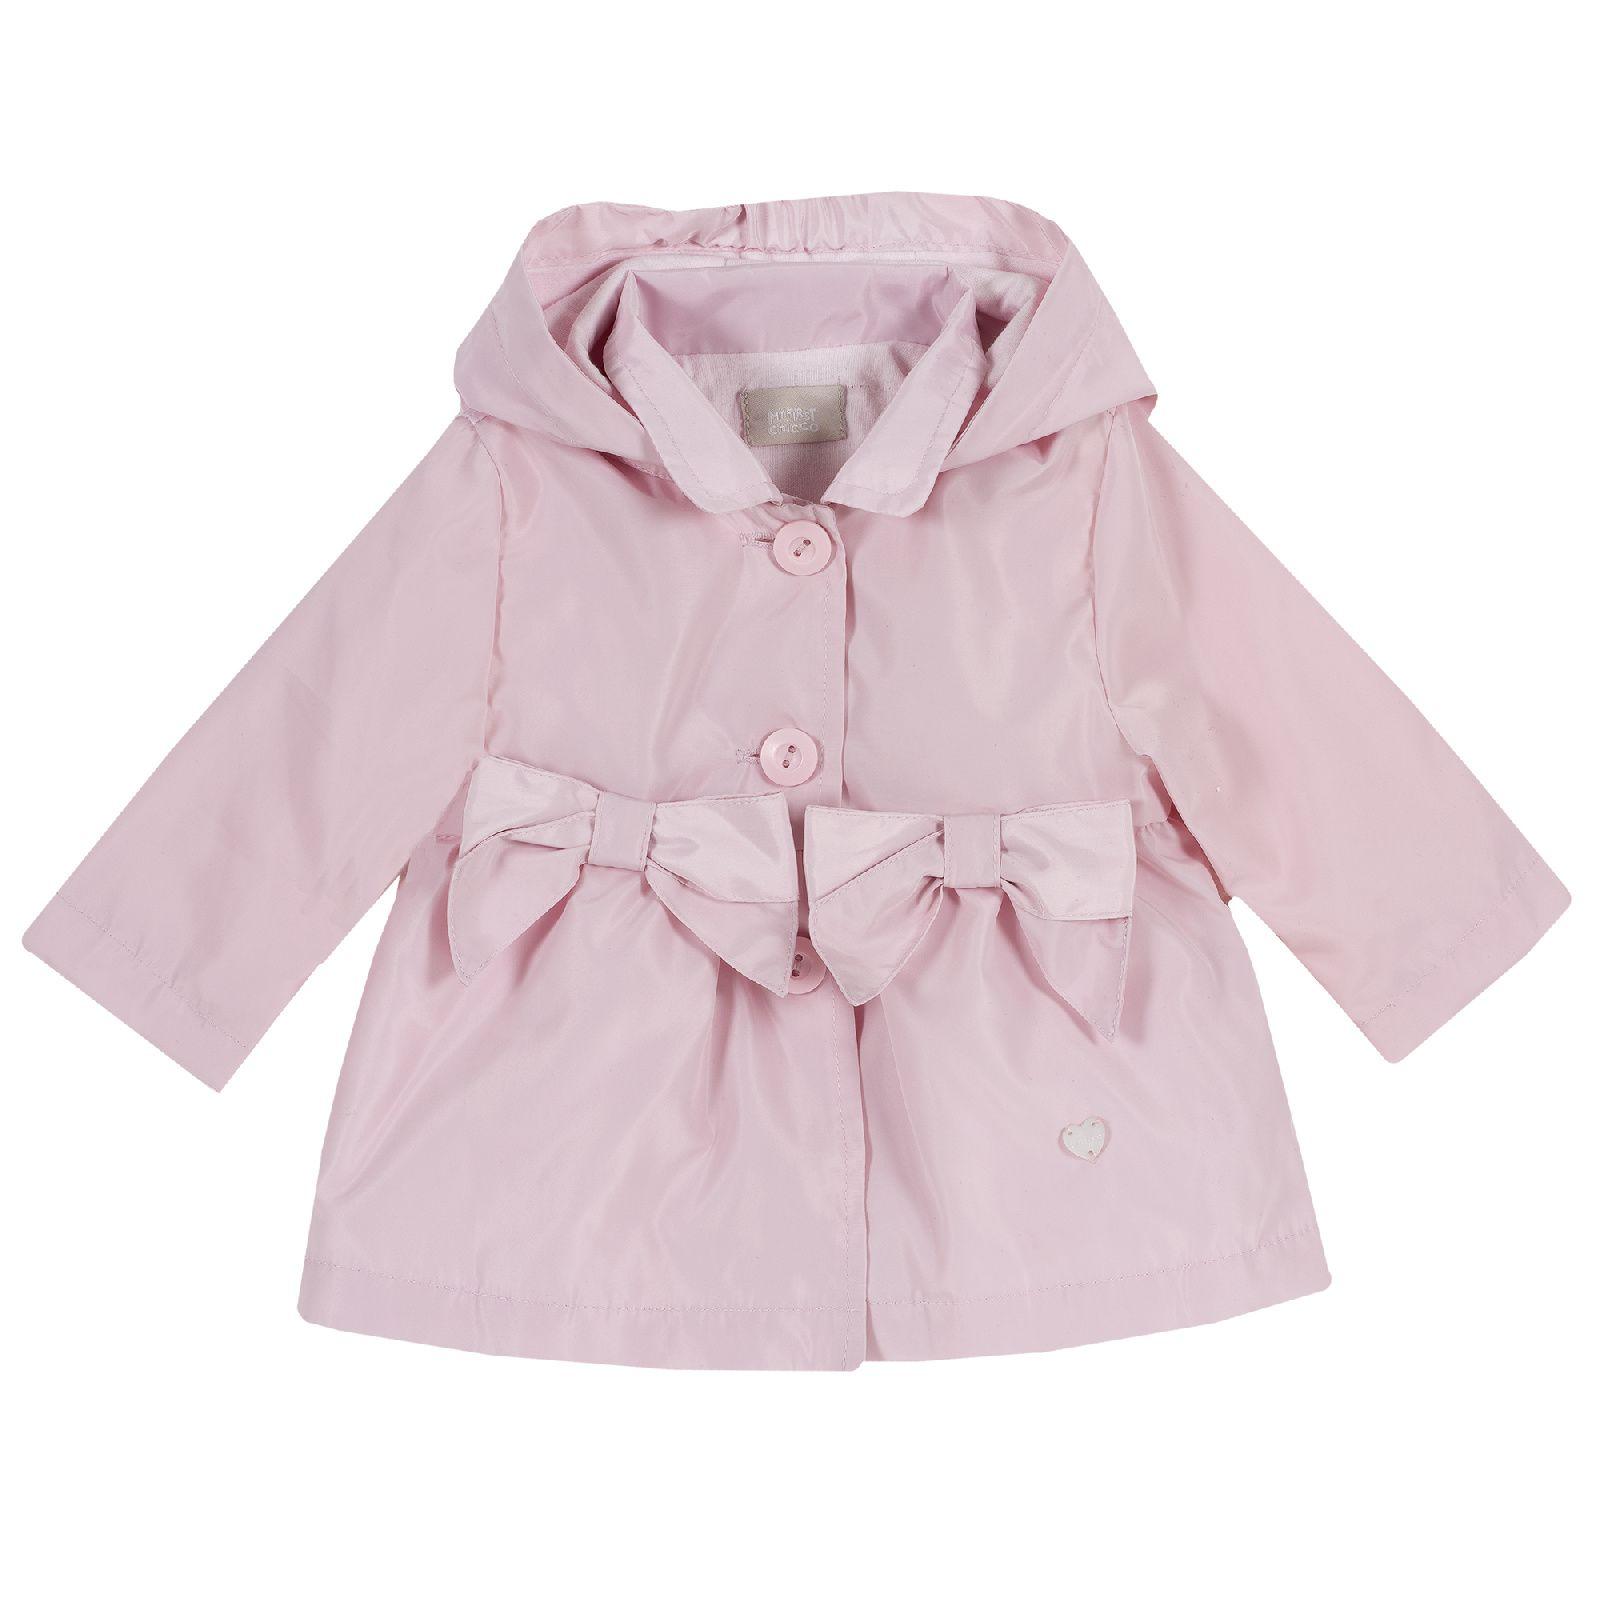 Куртка для девочек Chicco с бантами, цвет